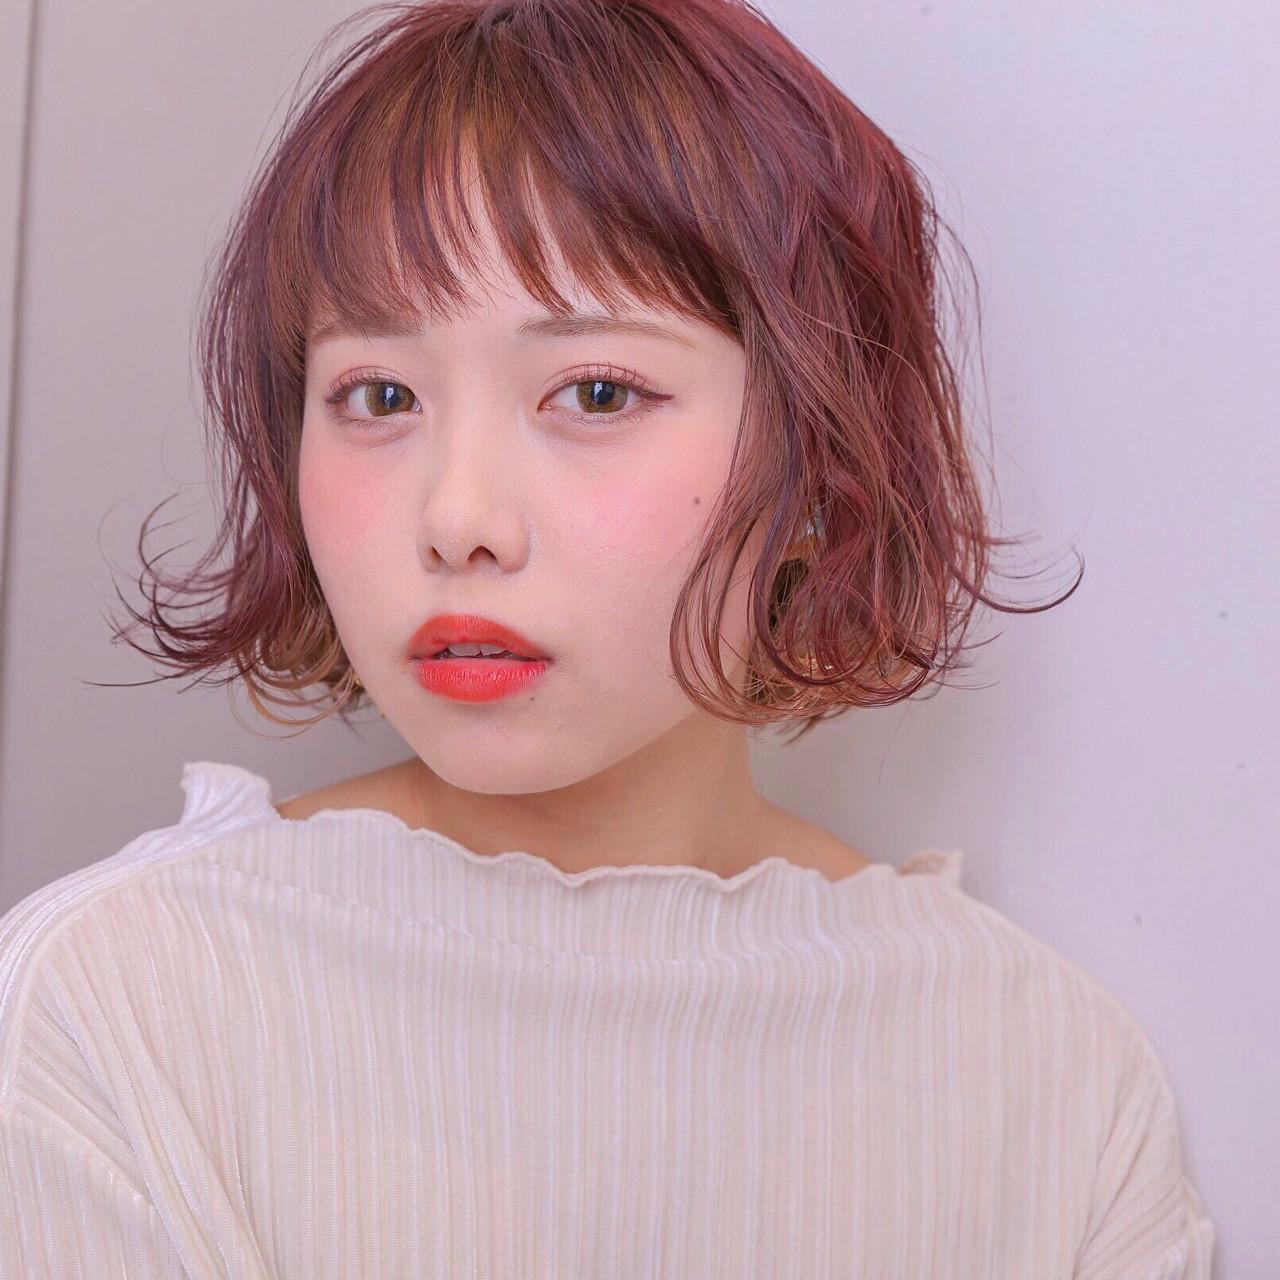 大人の魅力がいっぱい詰まった人気ショートヘアスタイル♡ 藤山将太